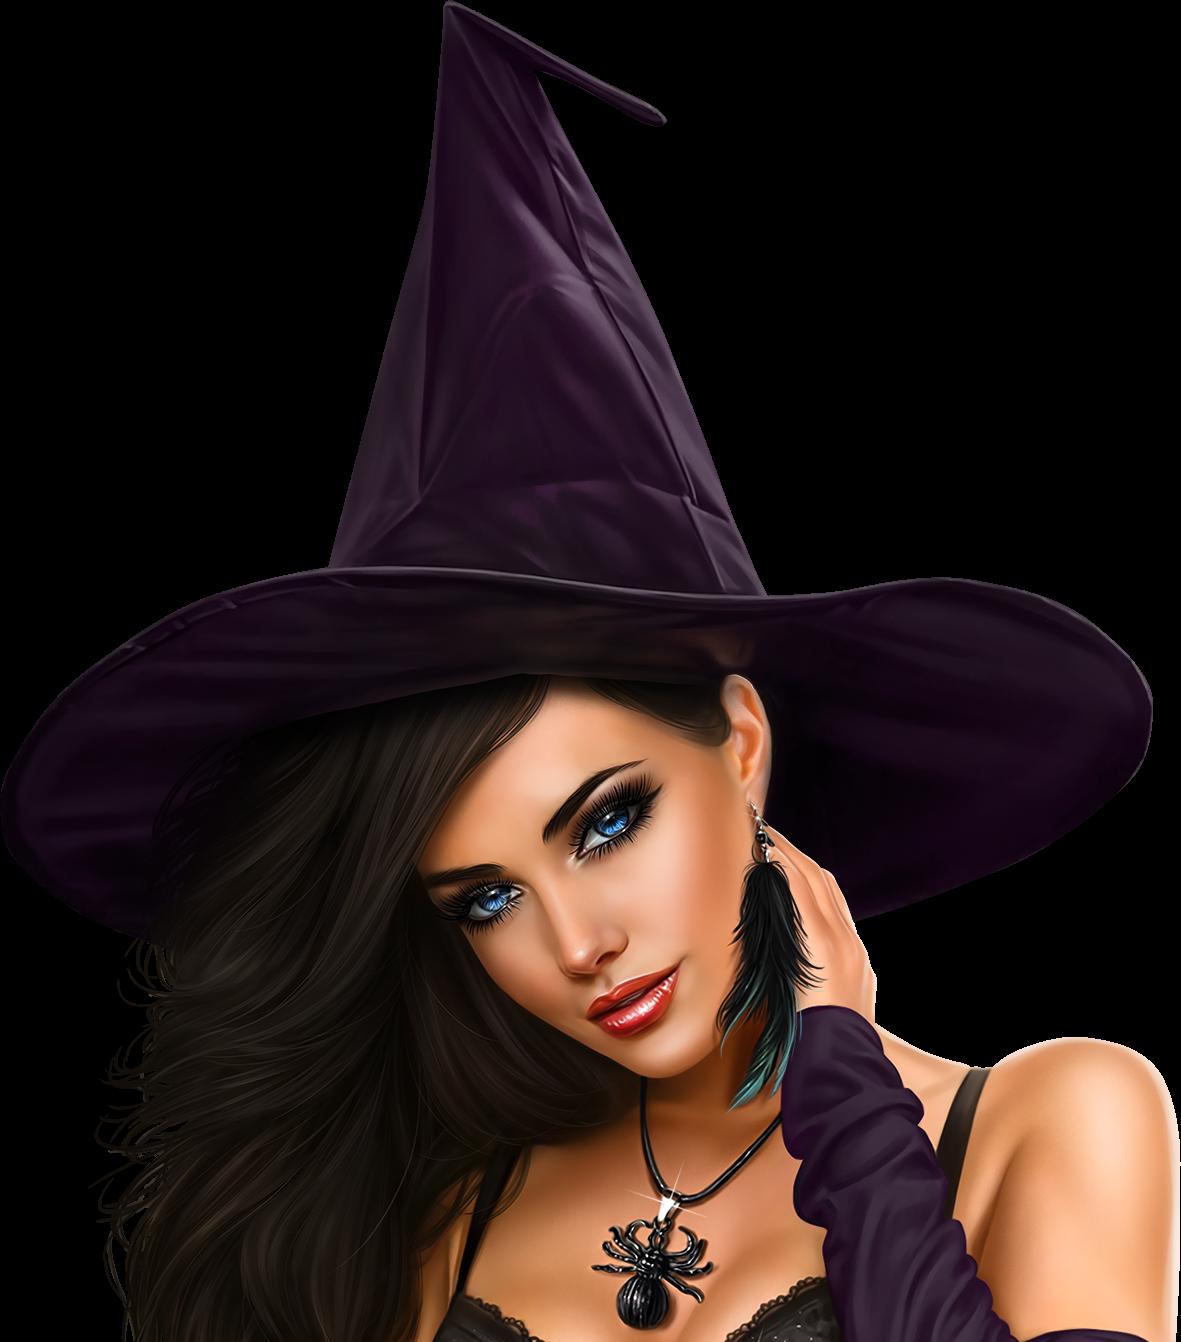 картинки ведьм красивых на аву надеется